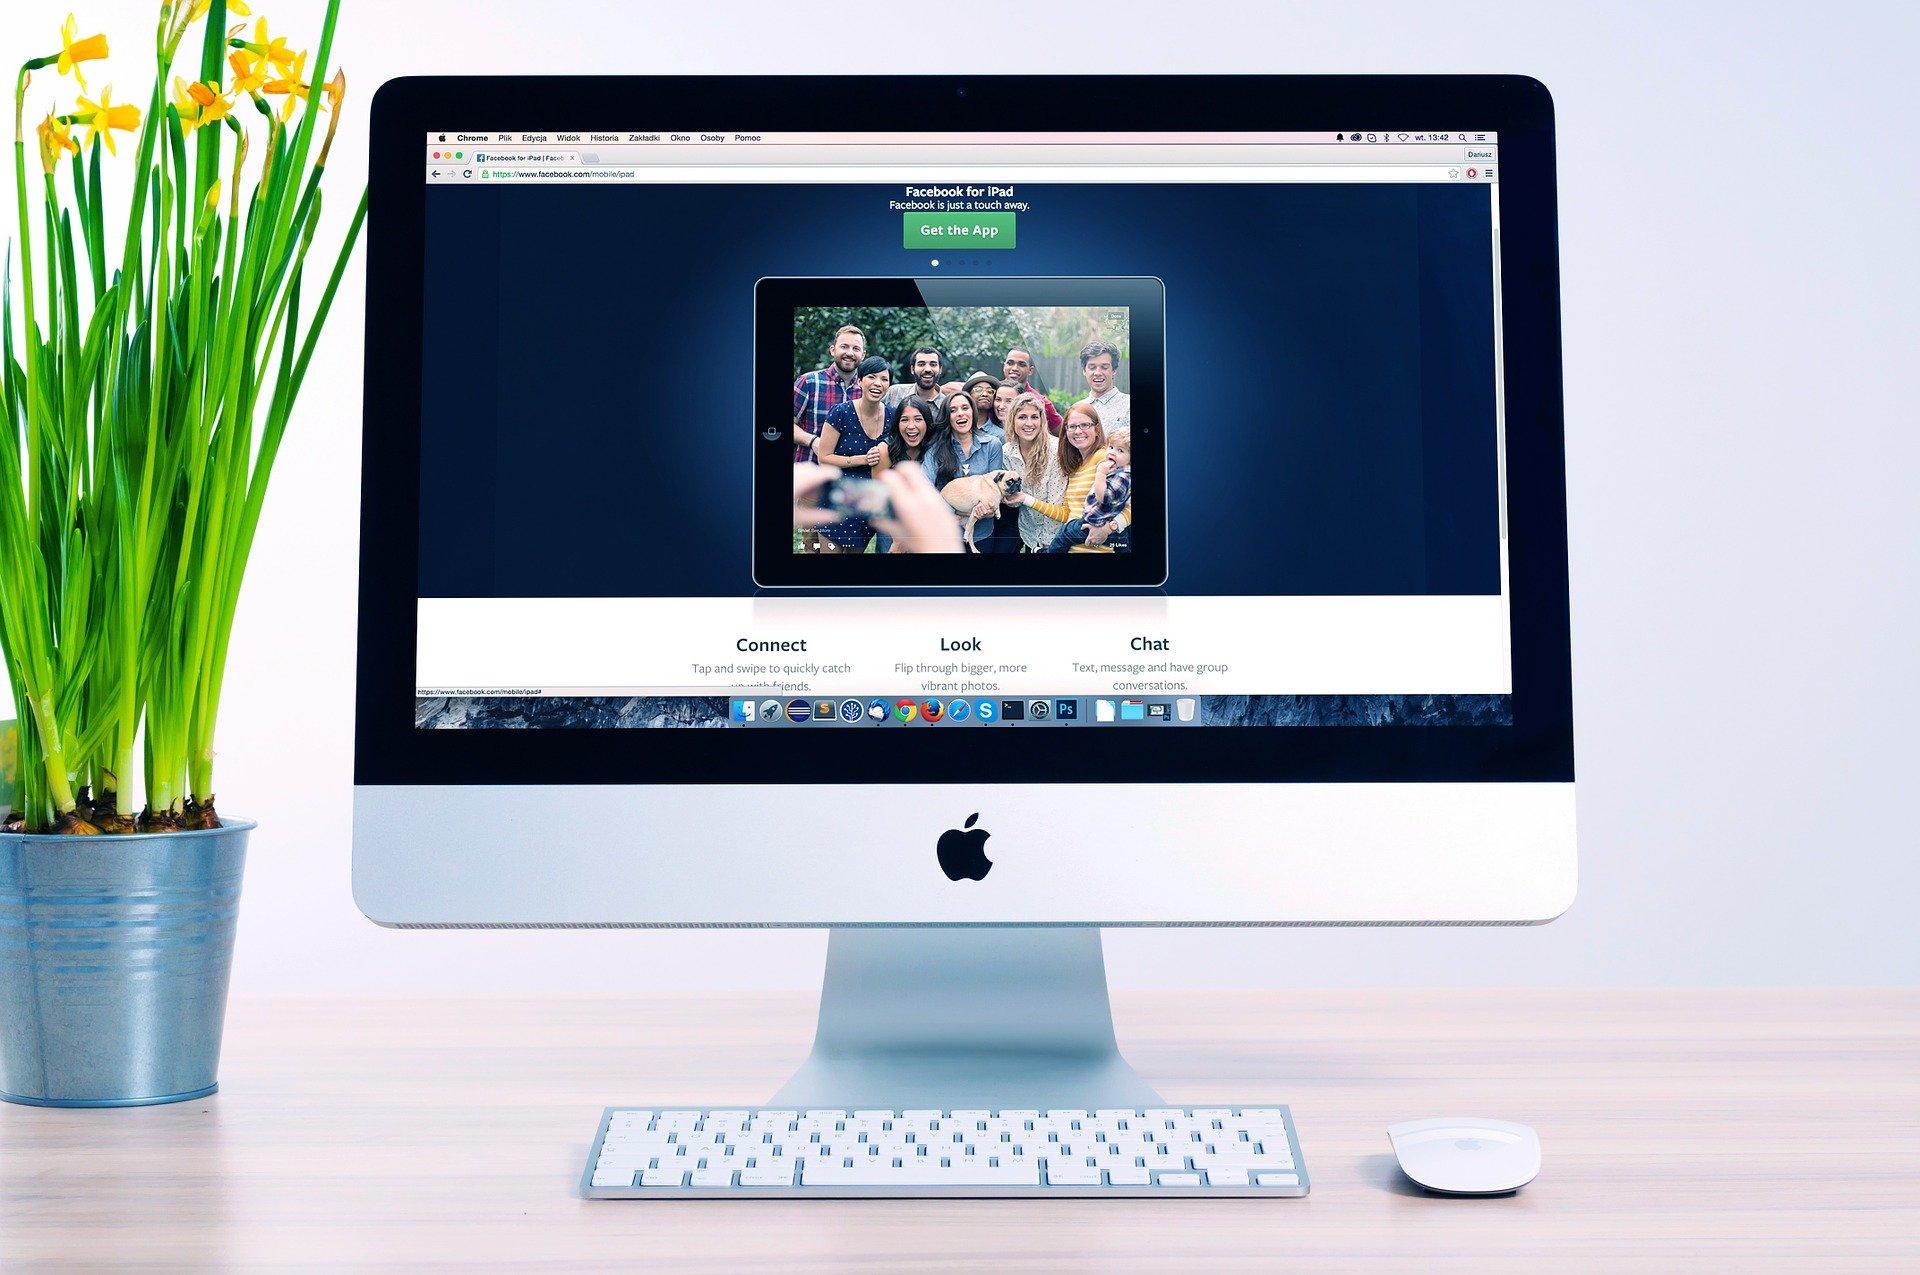 Ukendt hjemmeside vises på computerskærm